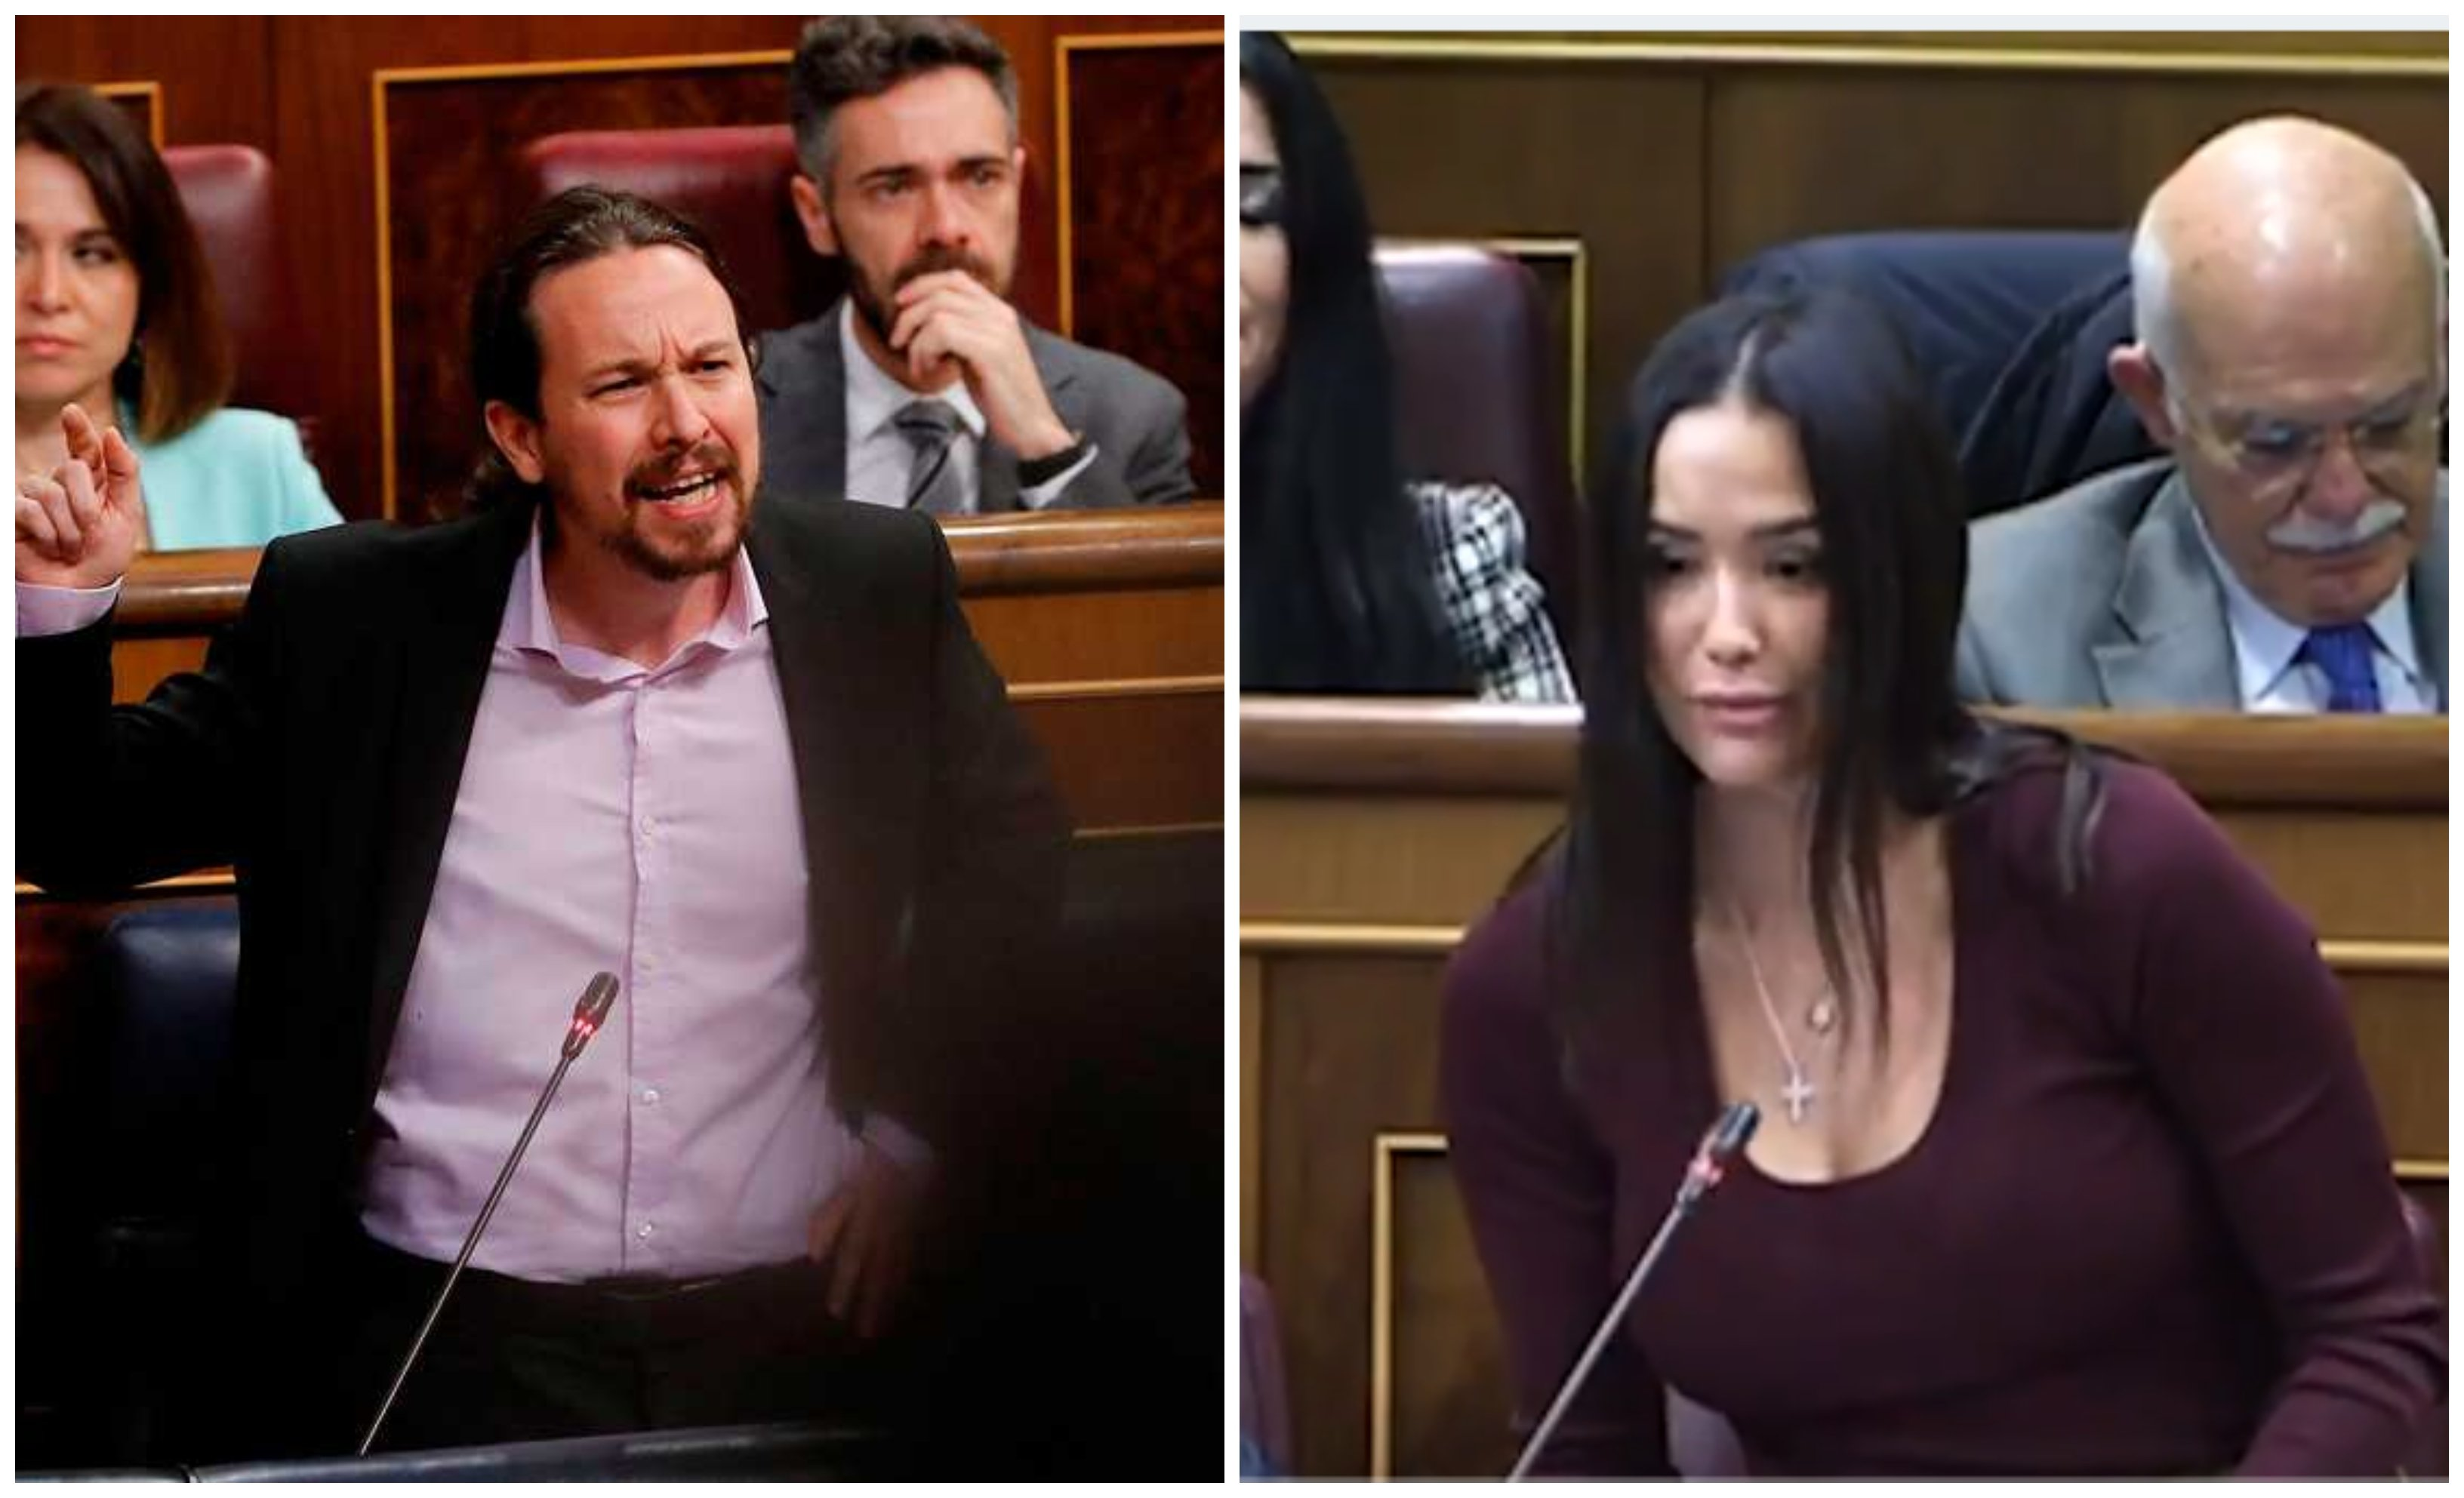 Sesión de control. Mireia Borrás (Vox) saca los colores a Pablo Iglesias al recordarle su empatía con Boti García sobre la relación de ésta con una menor de edad